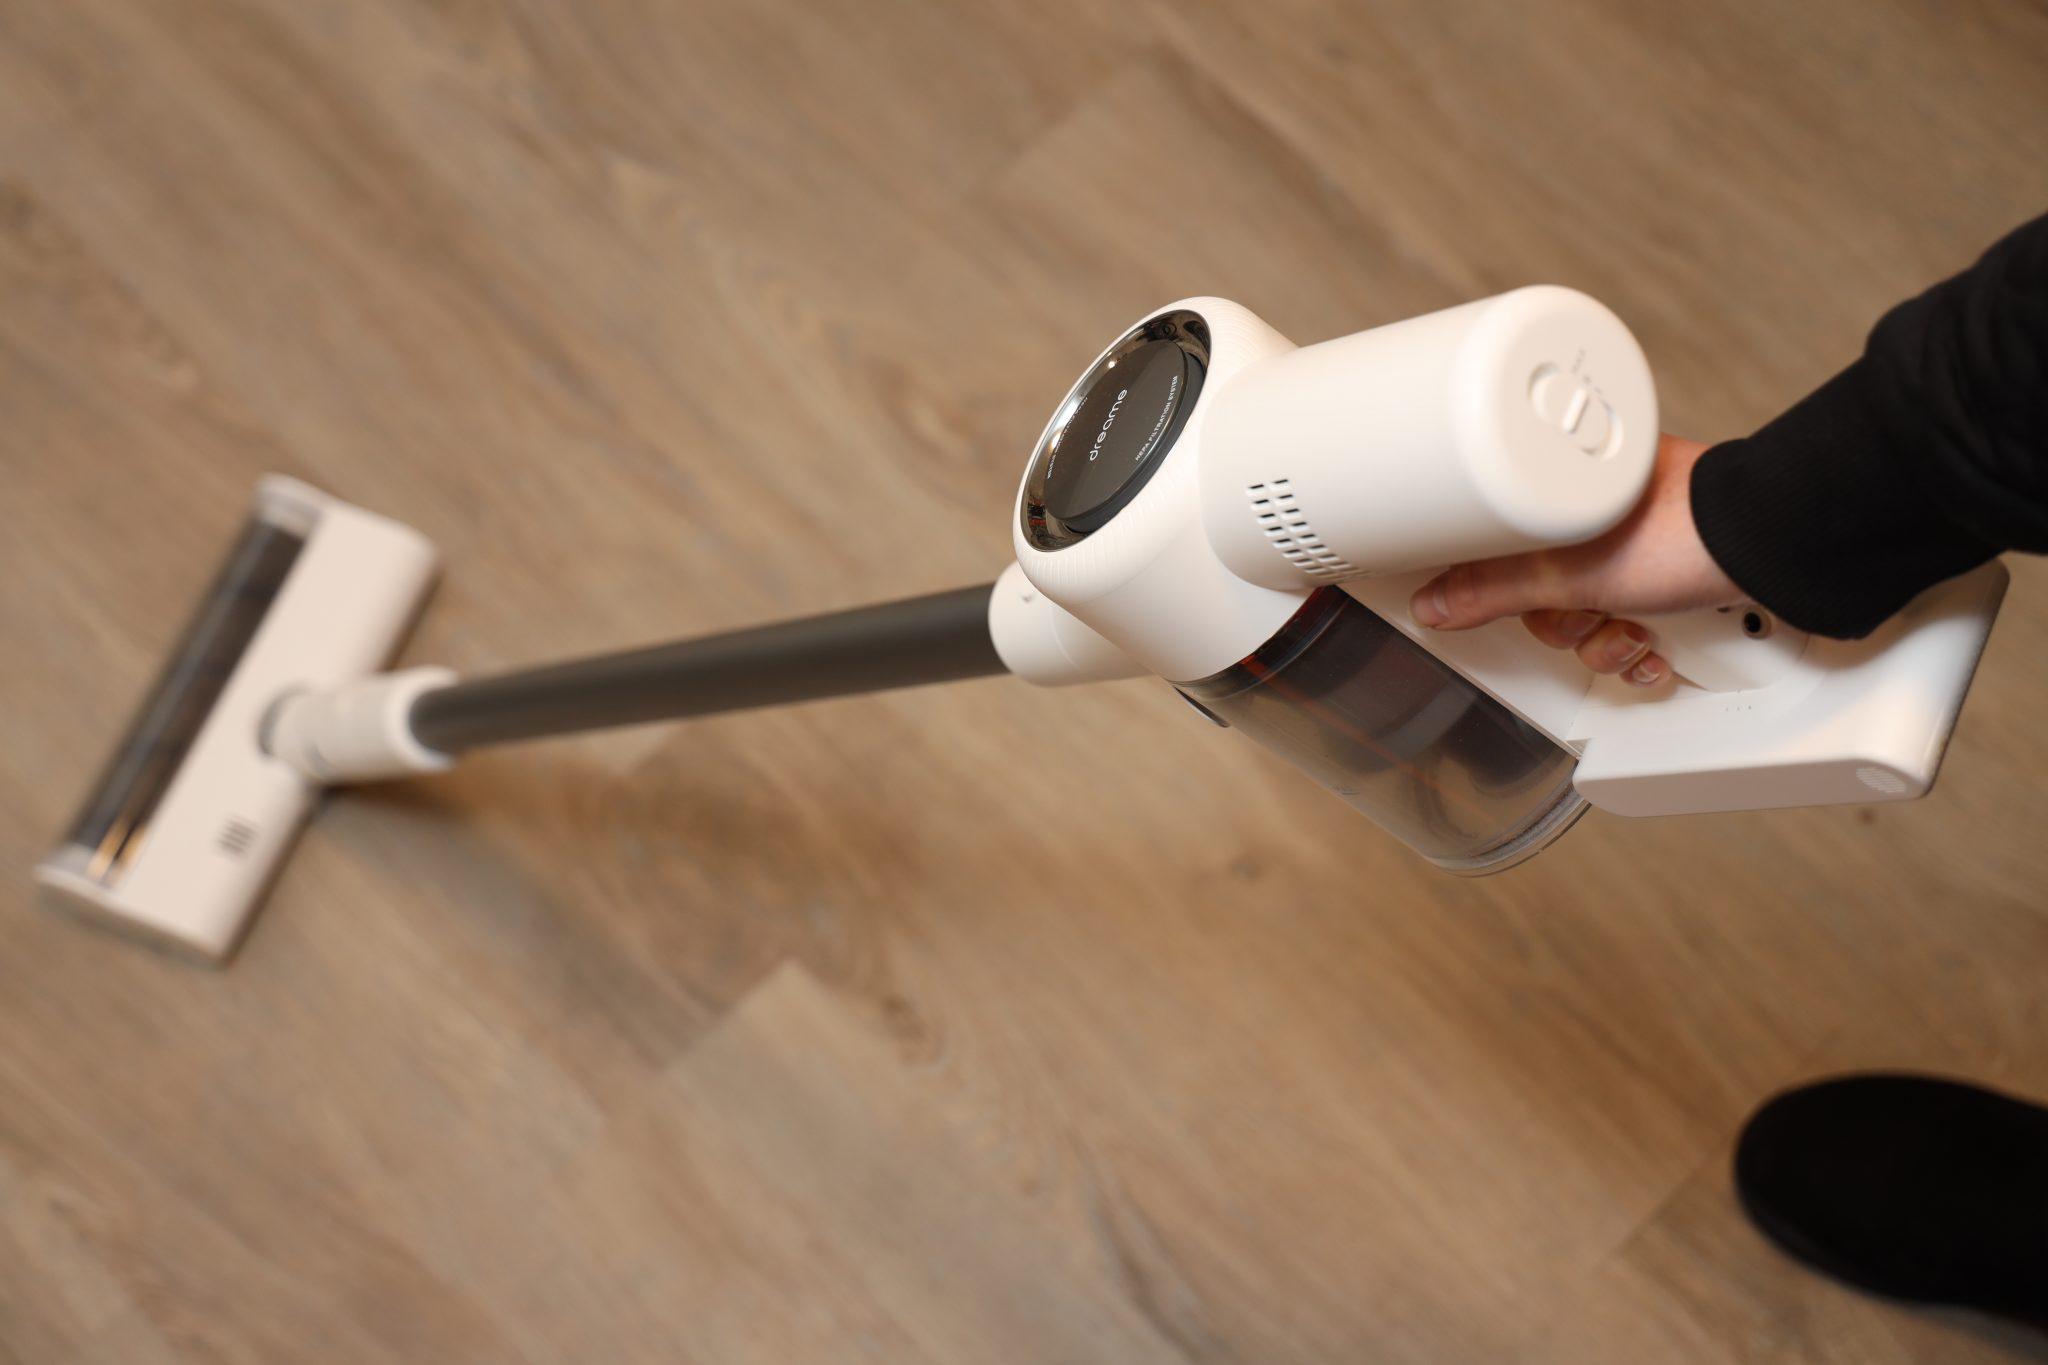 draadloze stofzuiger zuigt houten vloer